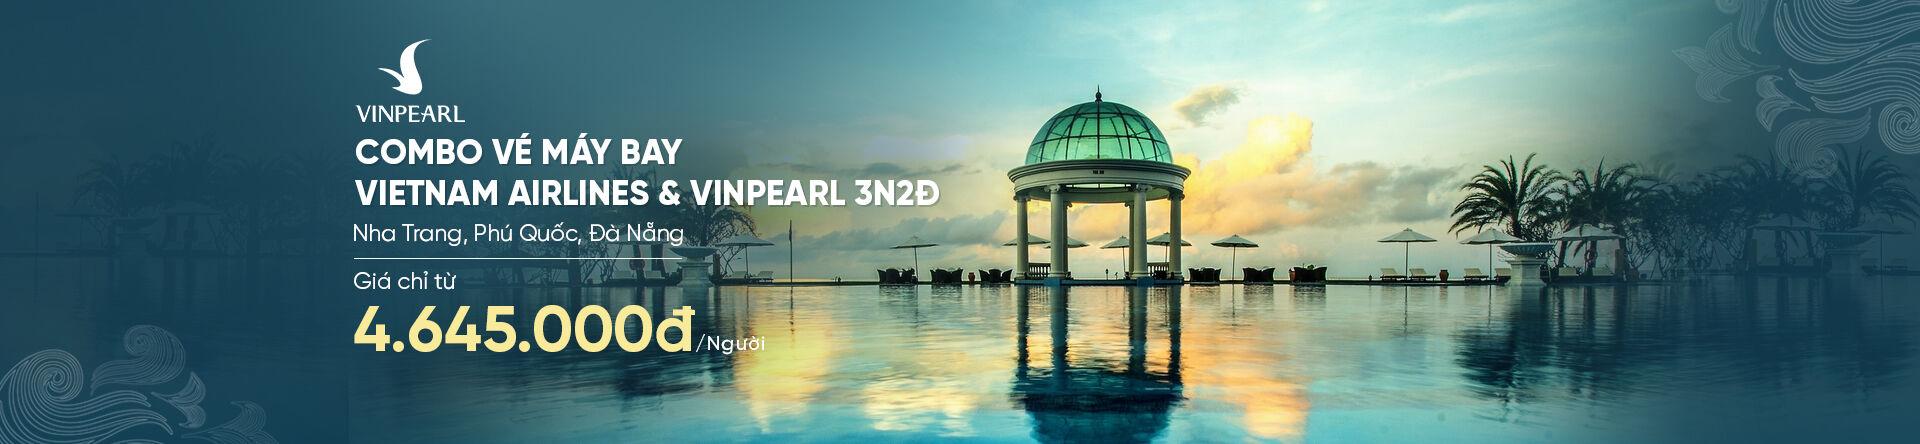 Combo Vietnam Airline + Vinpearl